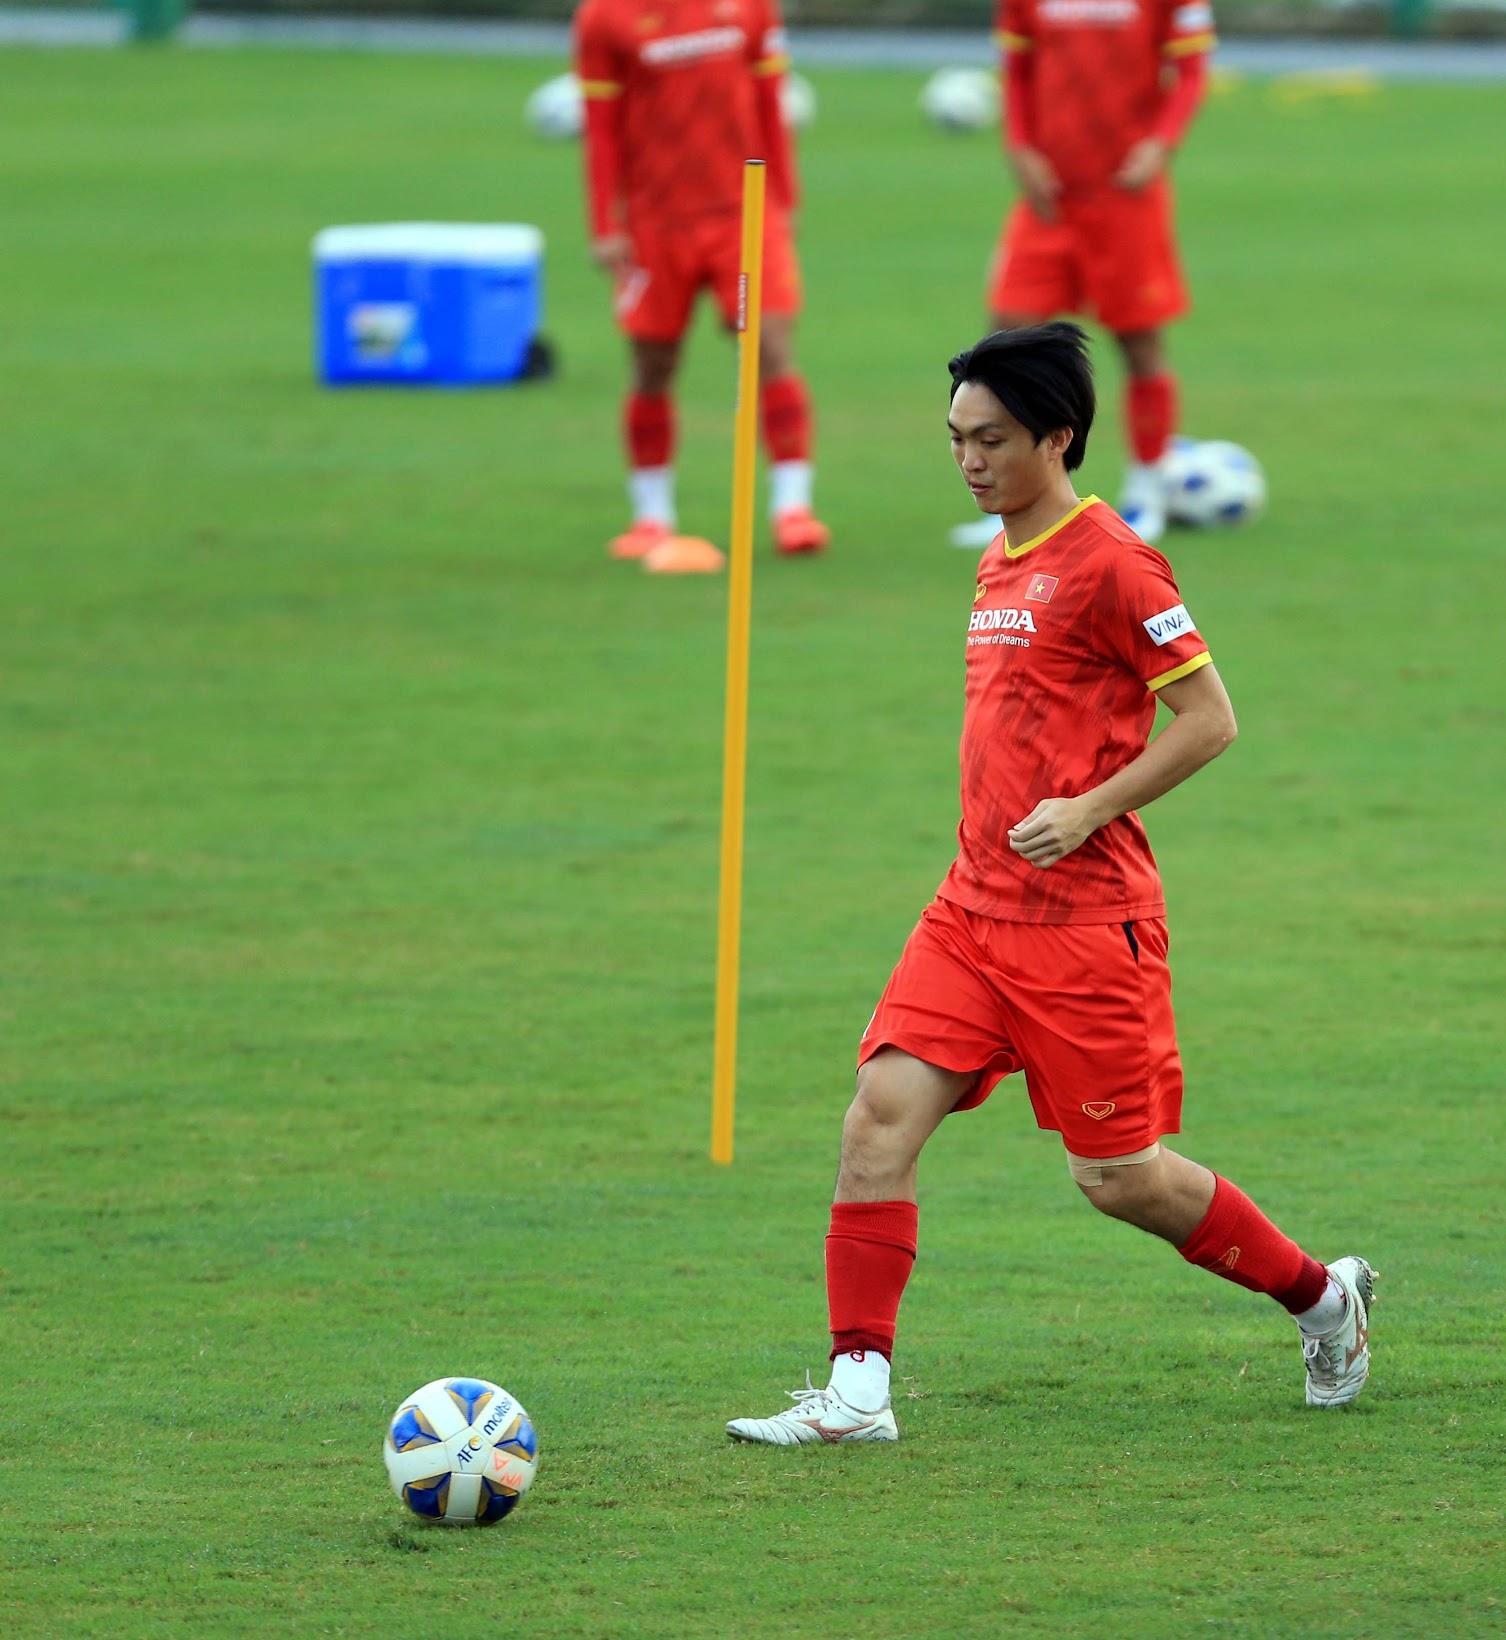 Tuấn Anh và đồng đội hào hứng khi trở thành thủ môn bất đắc dĩ cho tuyển Việt Nam - ảnh 15